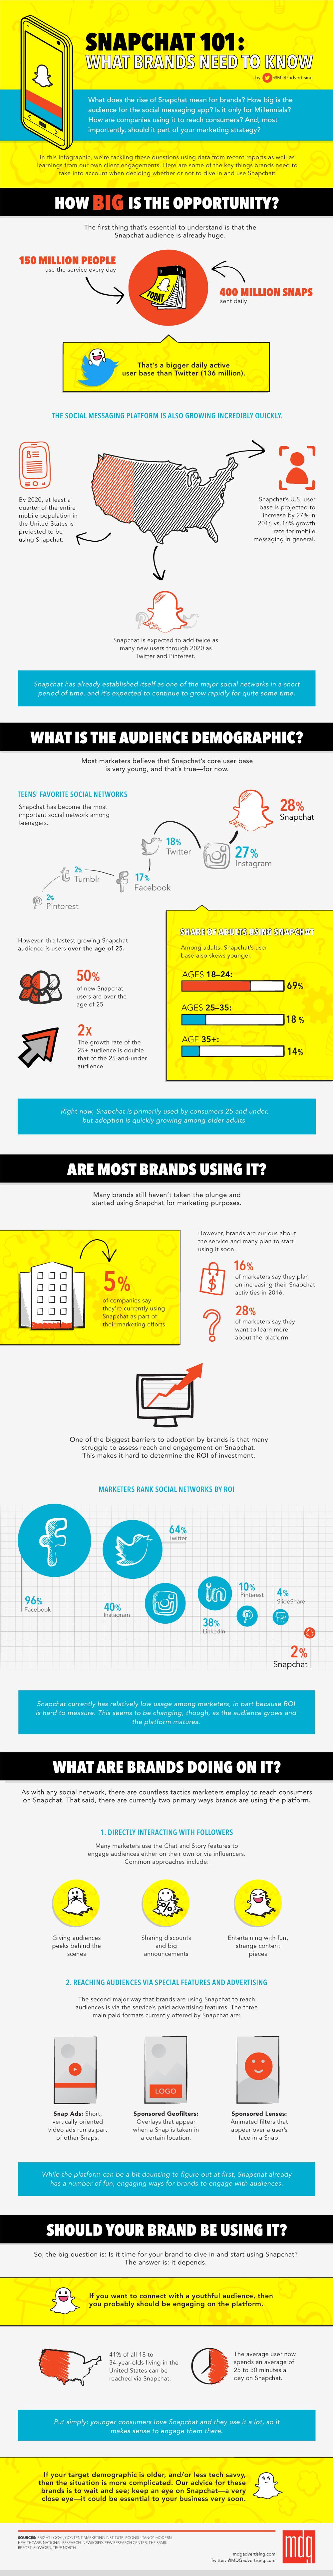 Snapchat: lo que las marcas deben saber #infografia #socialmedia #marketing